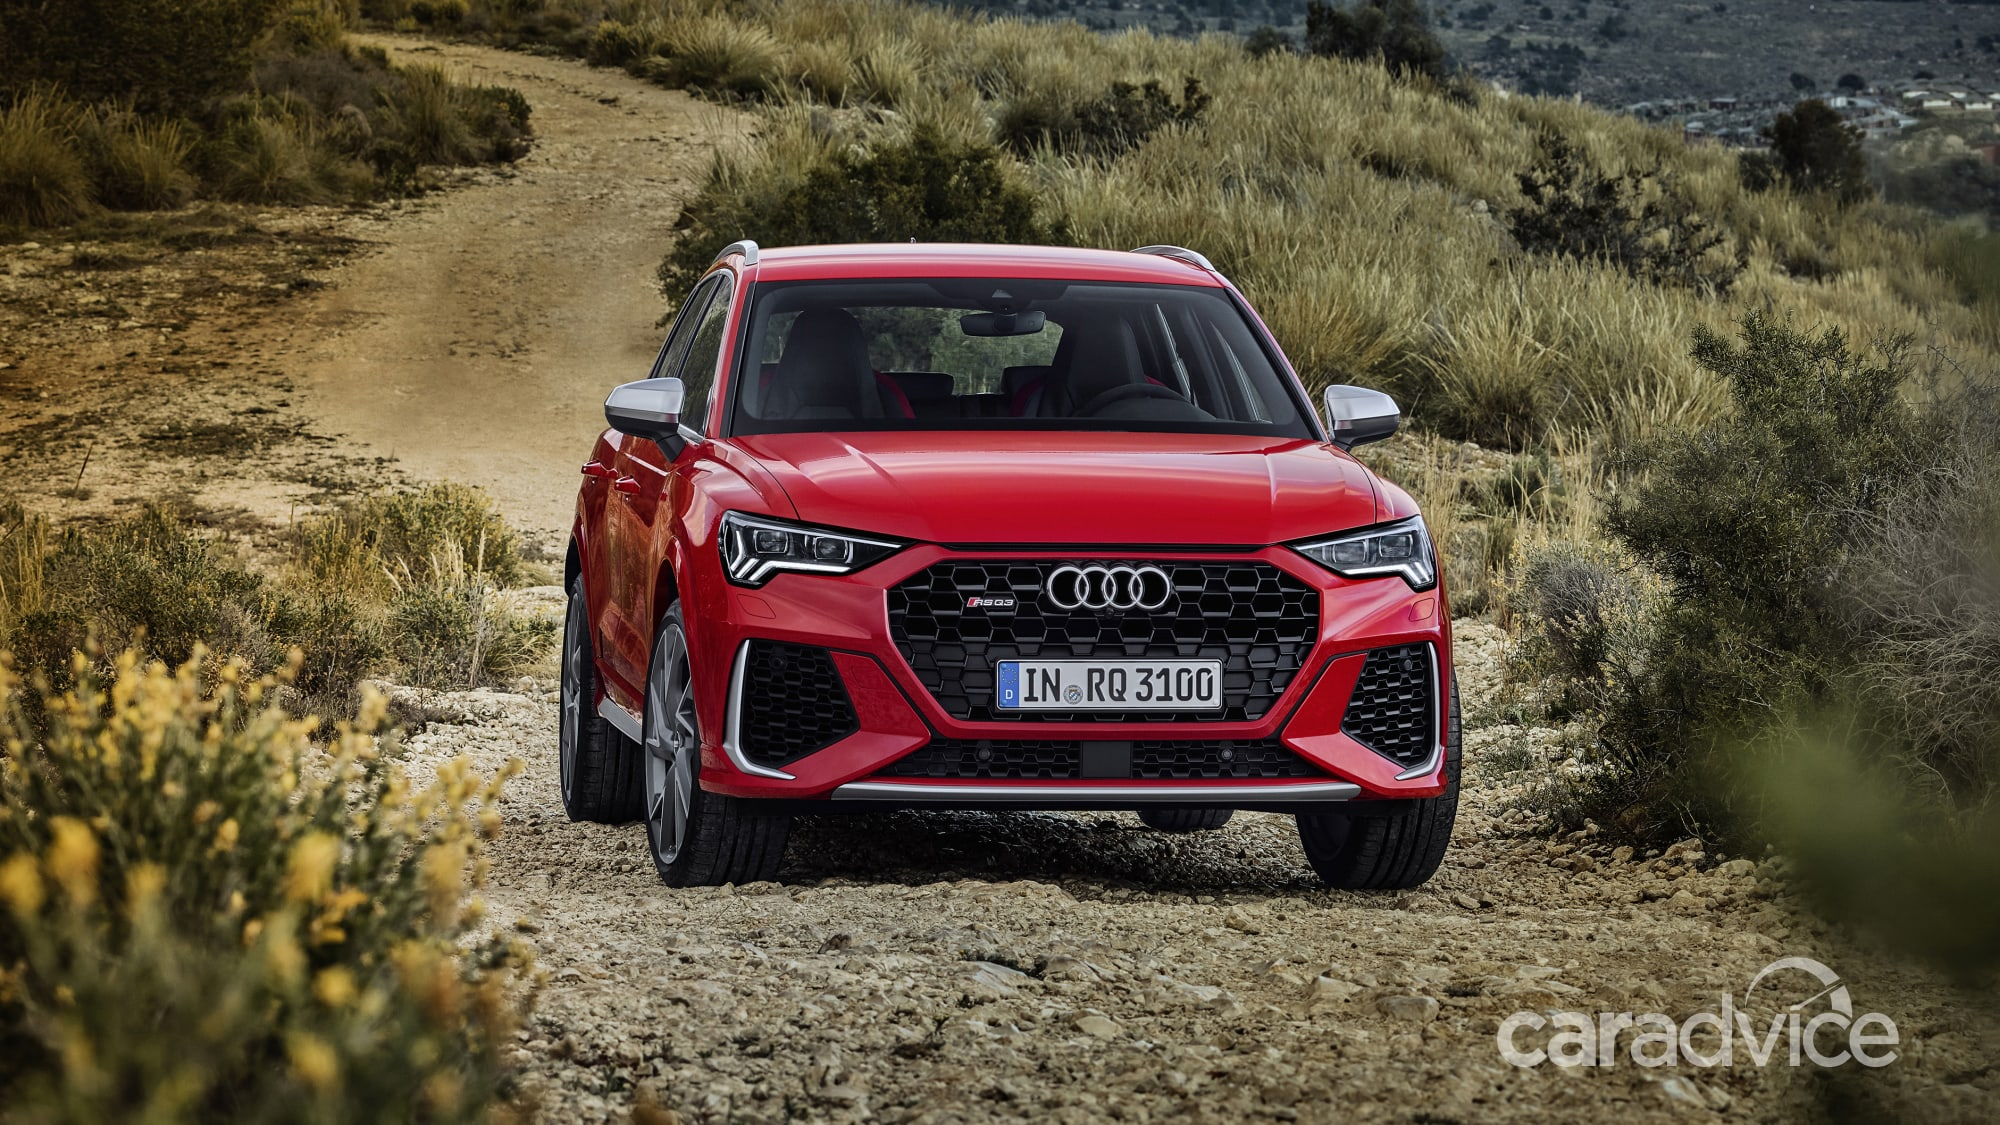 Audi q3 sportback 2019-2020 - фото и цена модели, комплектация и характеристики ауди q3 спортбэк